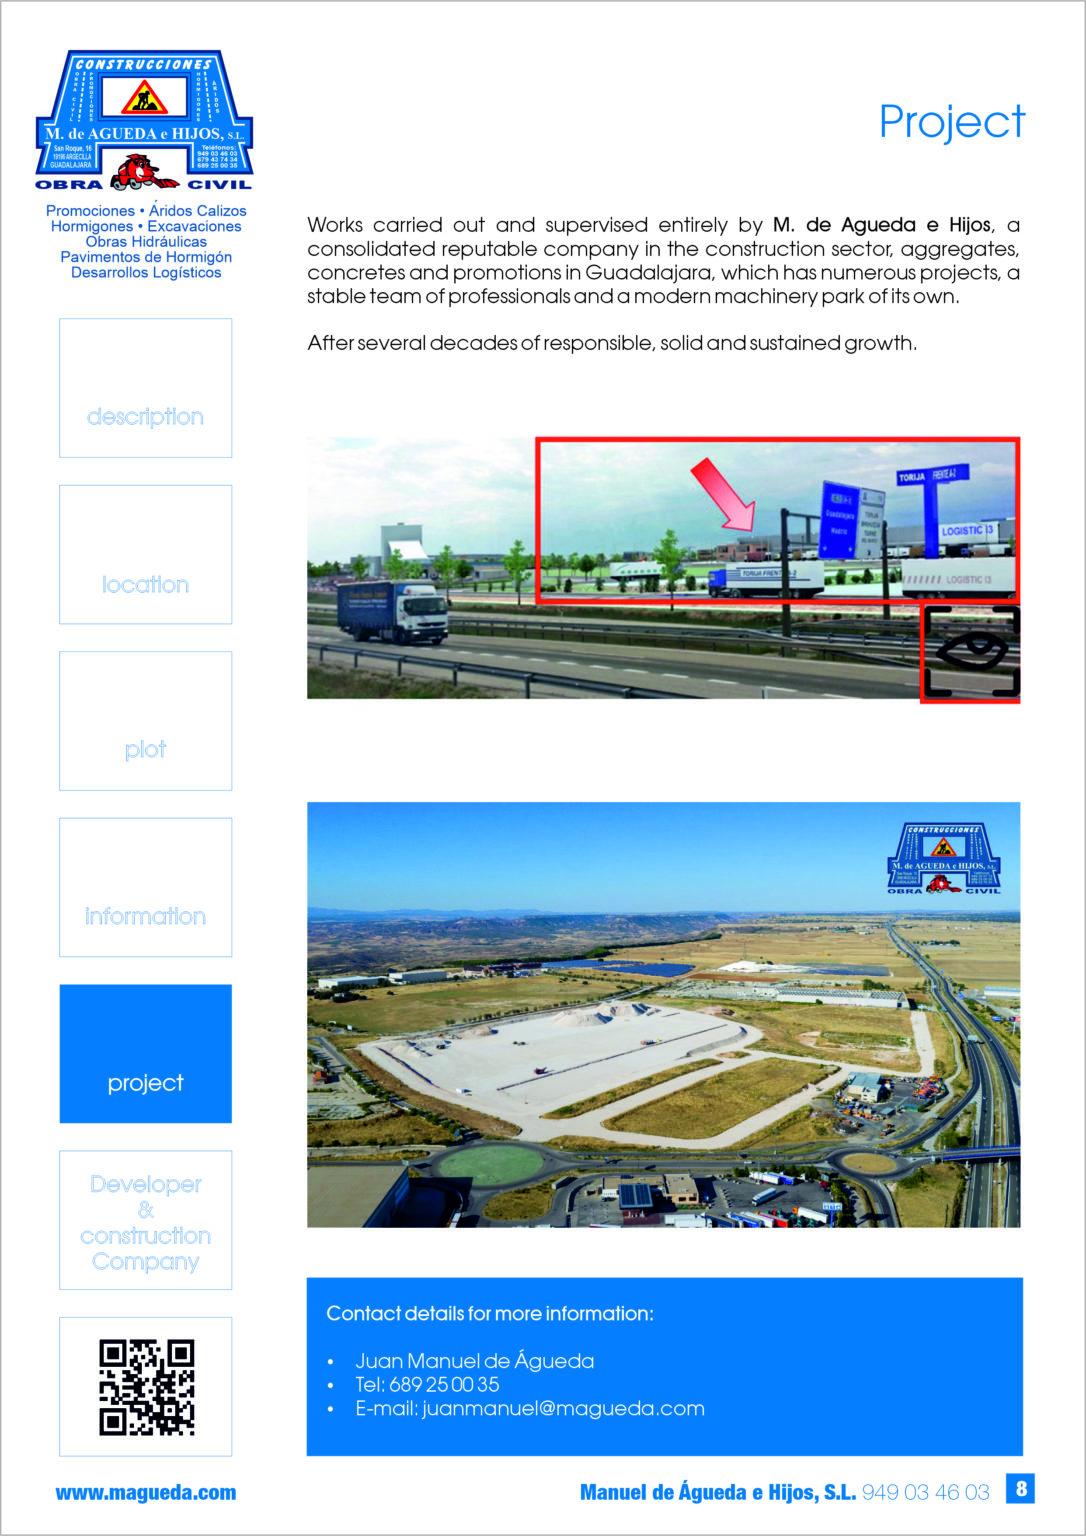 agueda-dossier-comercial-I3-2-EN-8